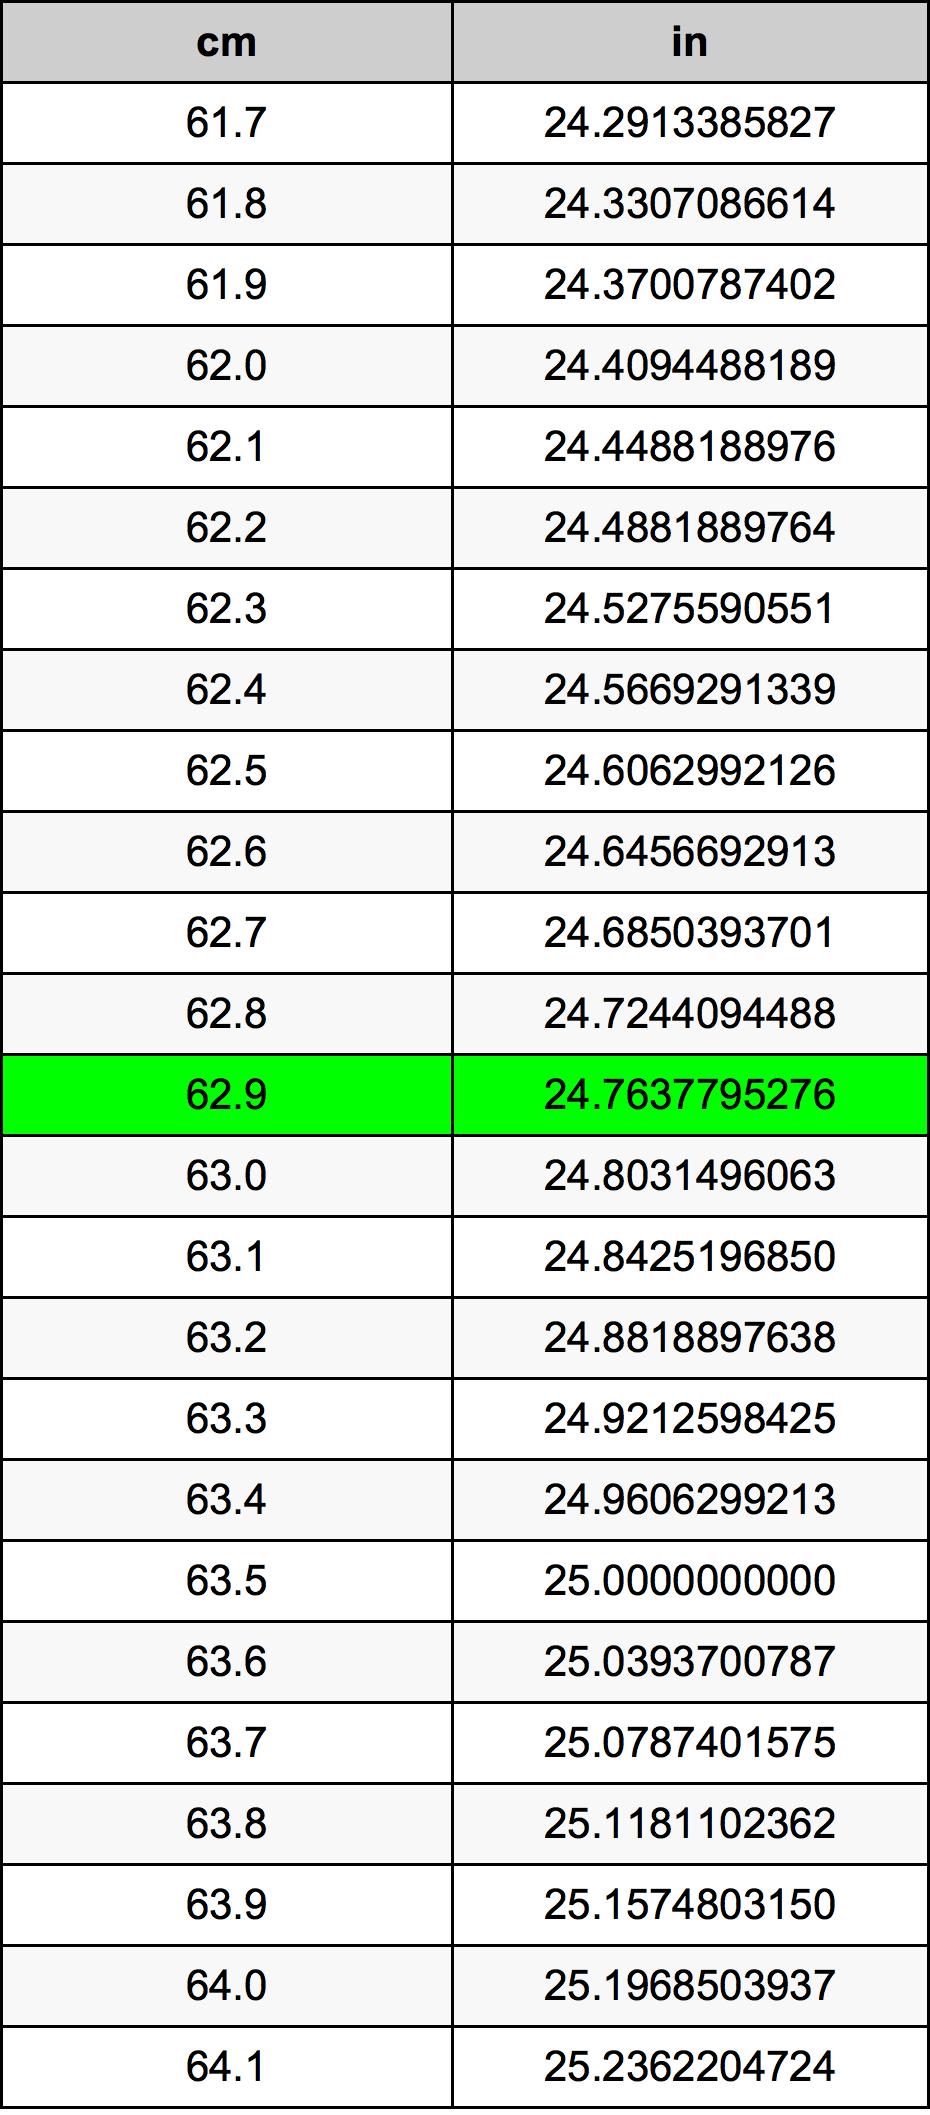 62.9 Zentimeter Umrechnungstabelle